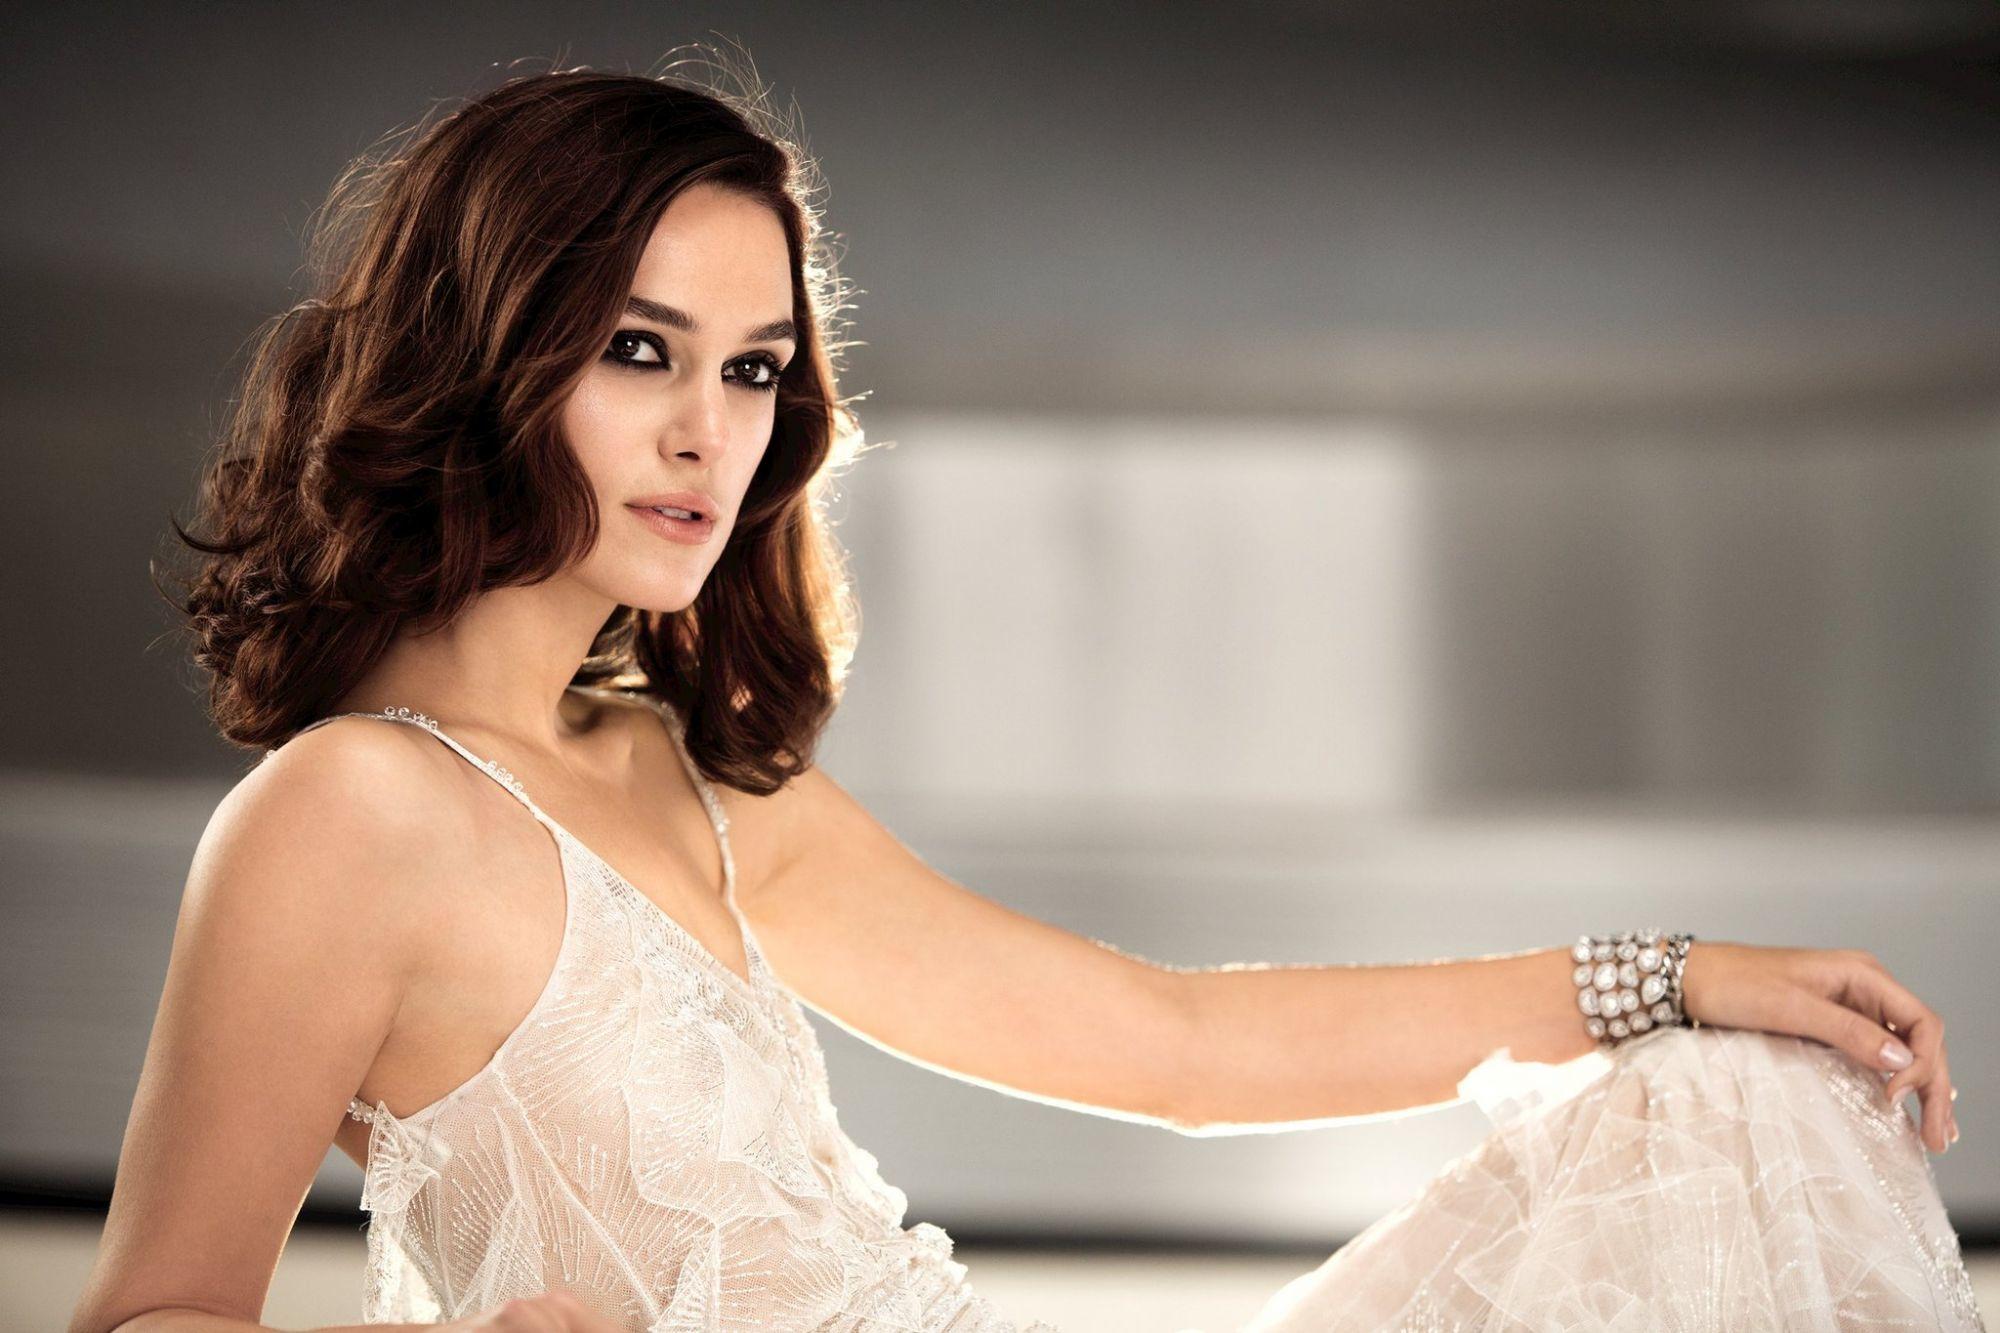 Nữ diễn viên 35 thề không đóng cảnh nude